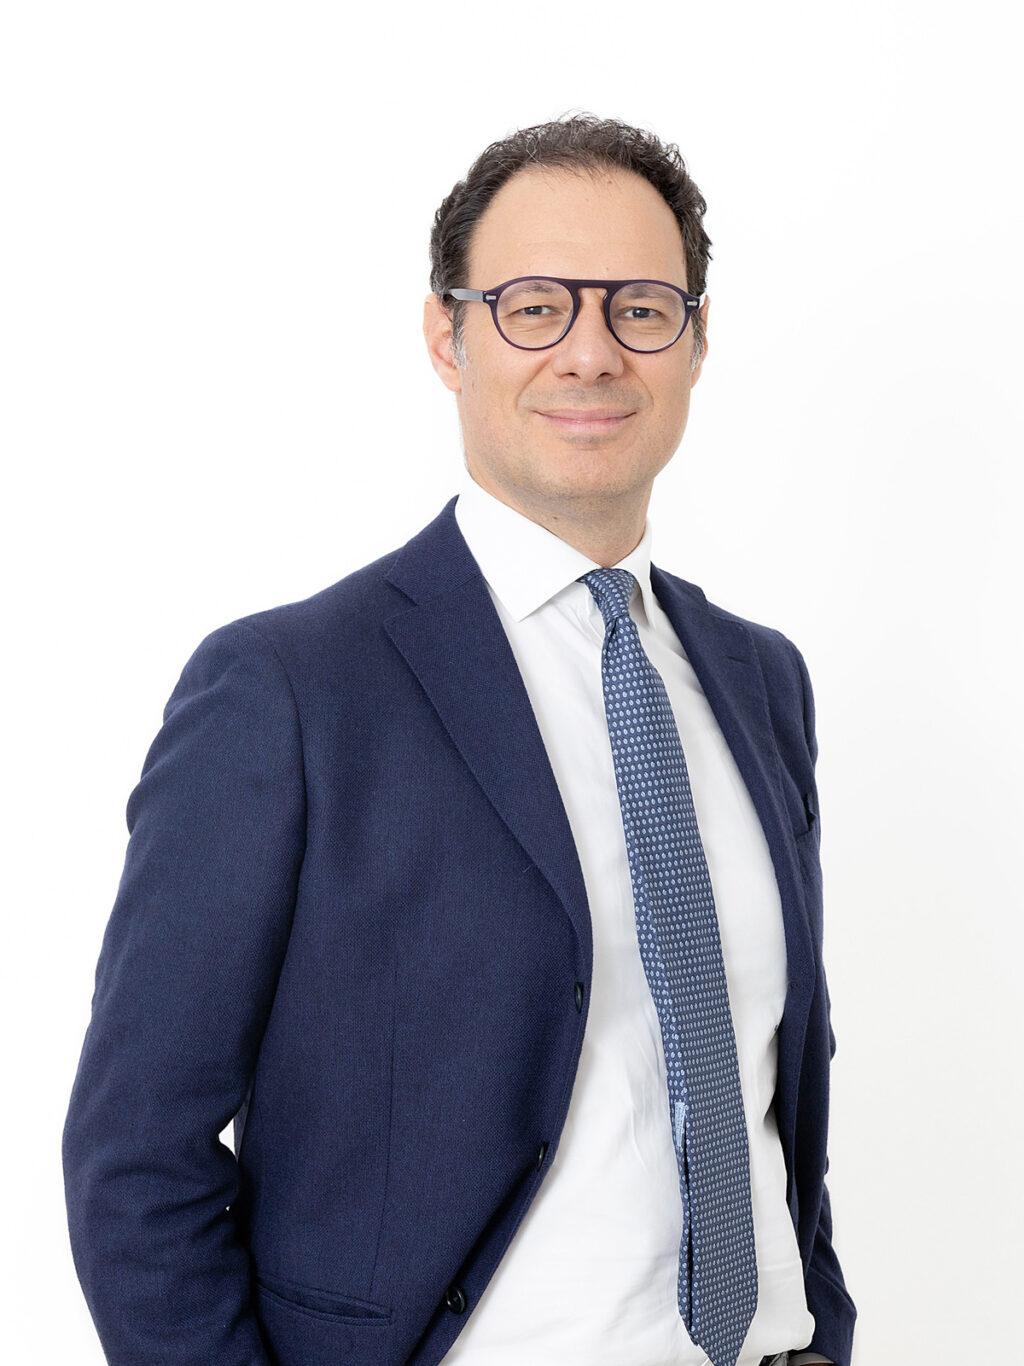 Giacomo Picchetto